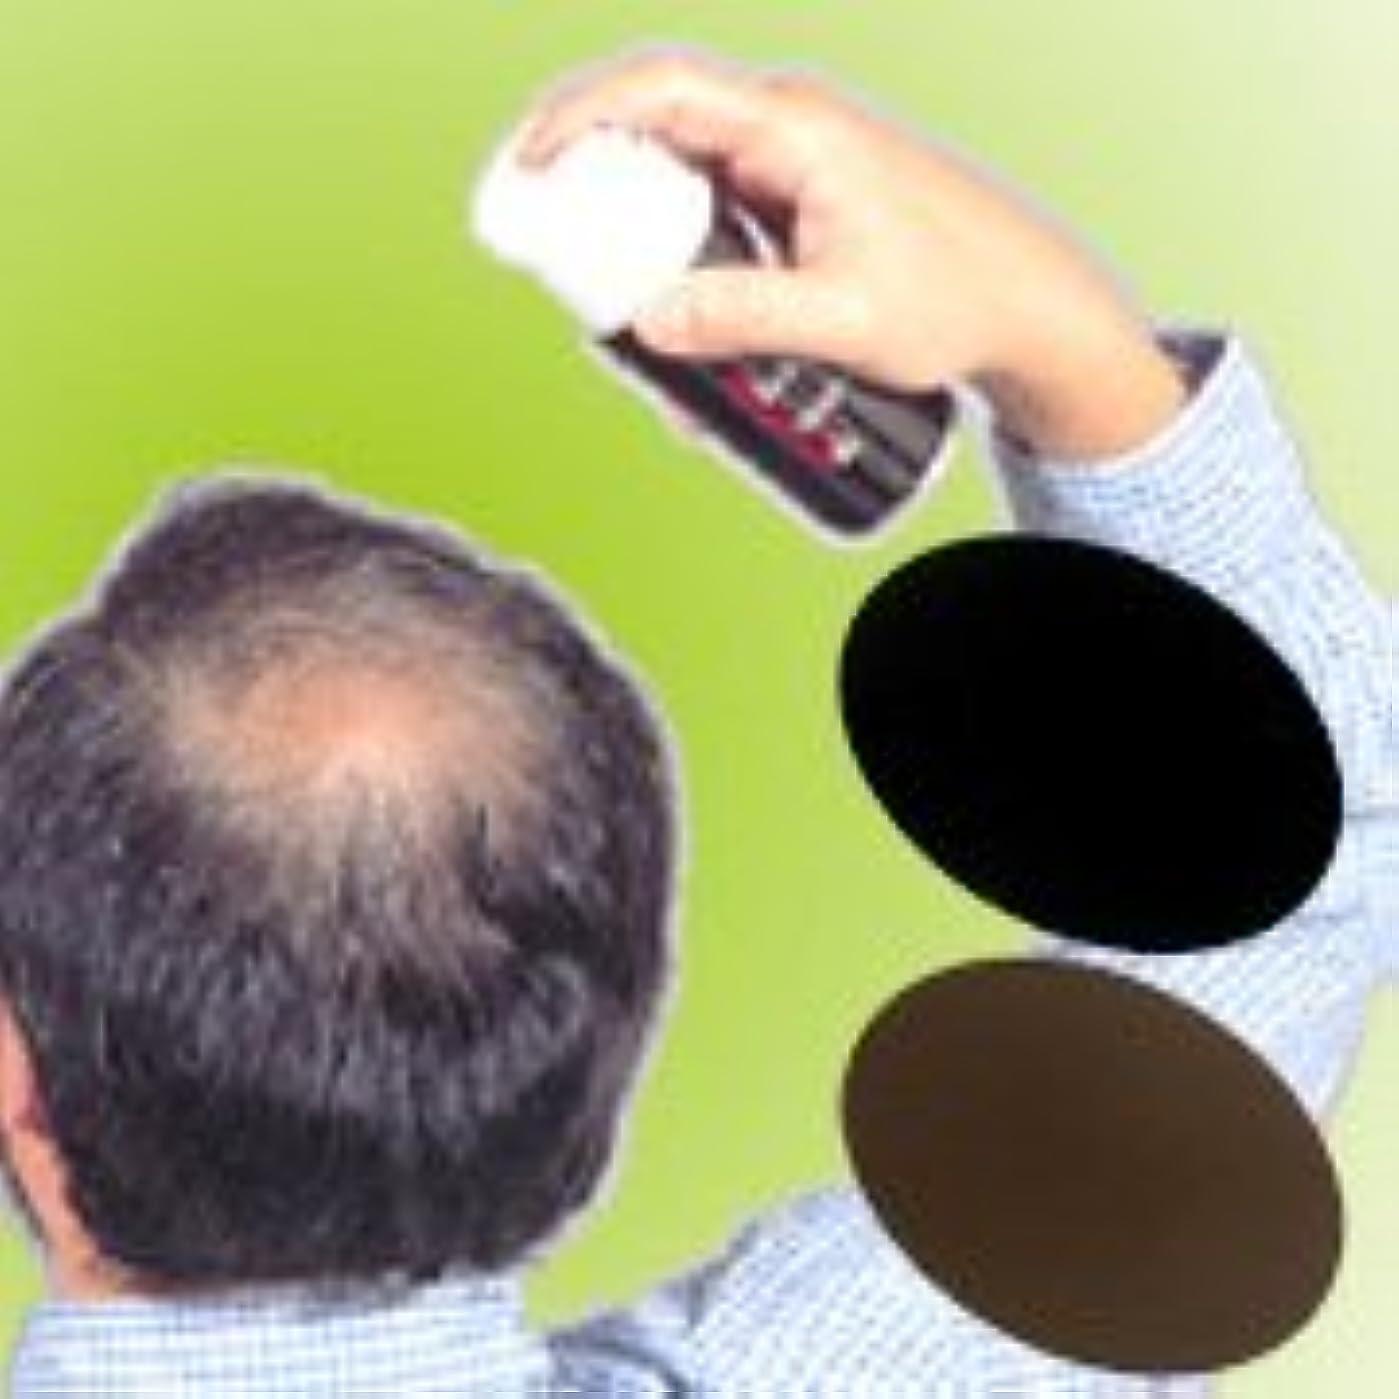 サーカス炭素リンク薄毛?白髪をワンタッチで隠します!男女兼用タイプの増毛スプレー!!【トミーリッチ ブラックヘアー】 (注意!商品の内訳は「ブラウン<数量12単位>」のみ)